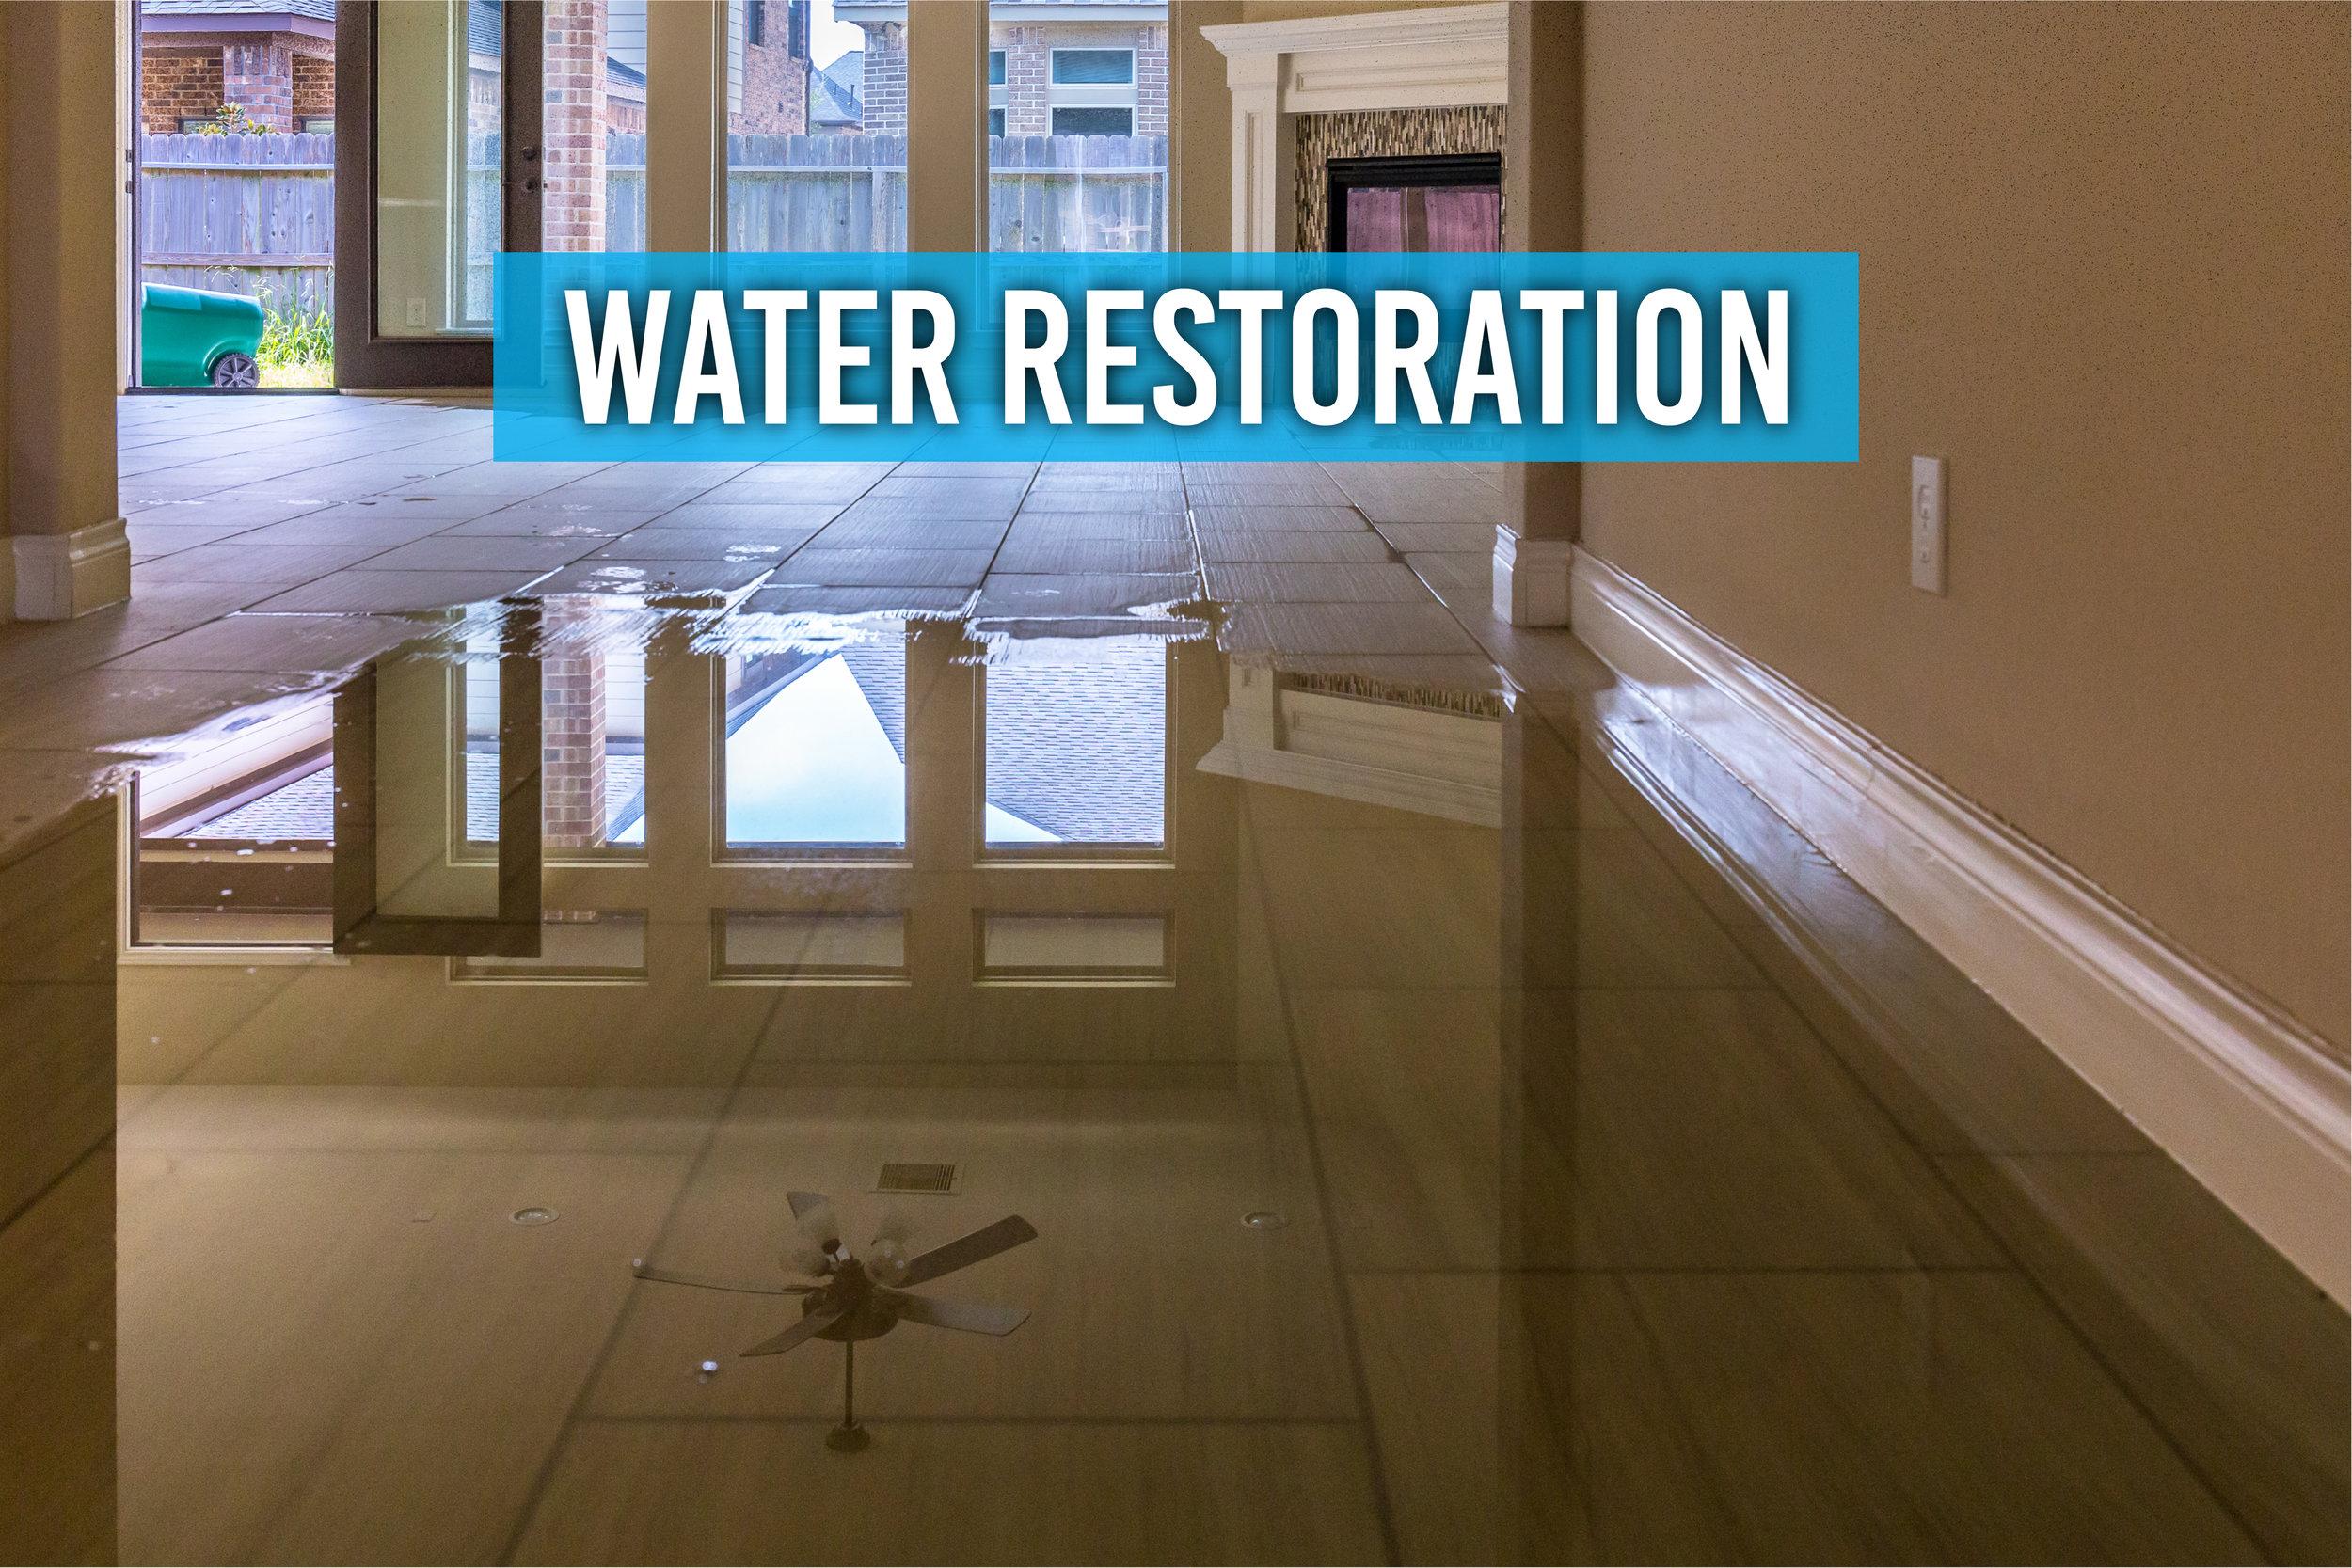 Water restoration Banner-01.jpg